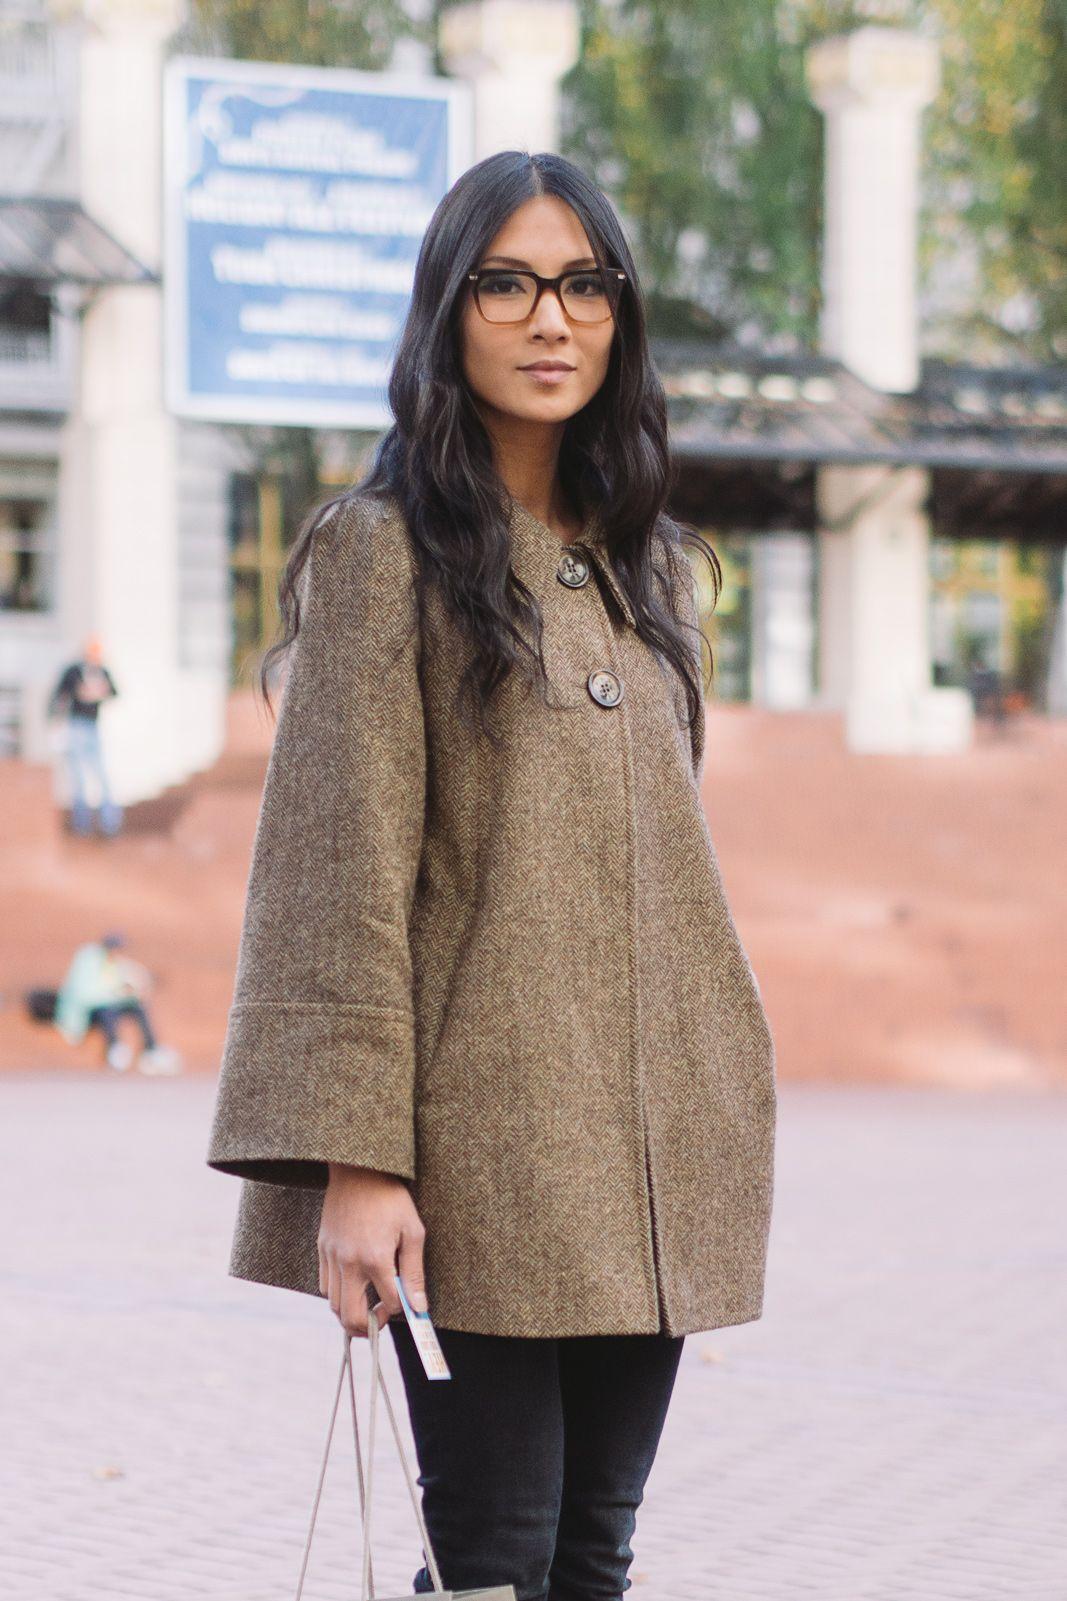 On the street, tweed swing jacket, Portland OR | Geek Chic ...